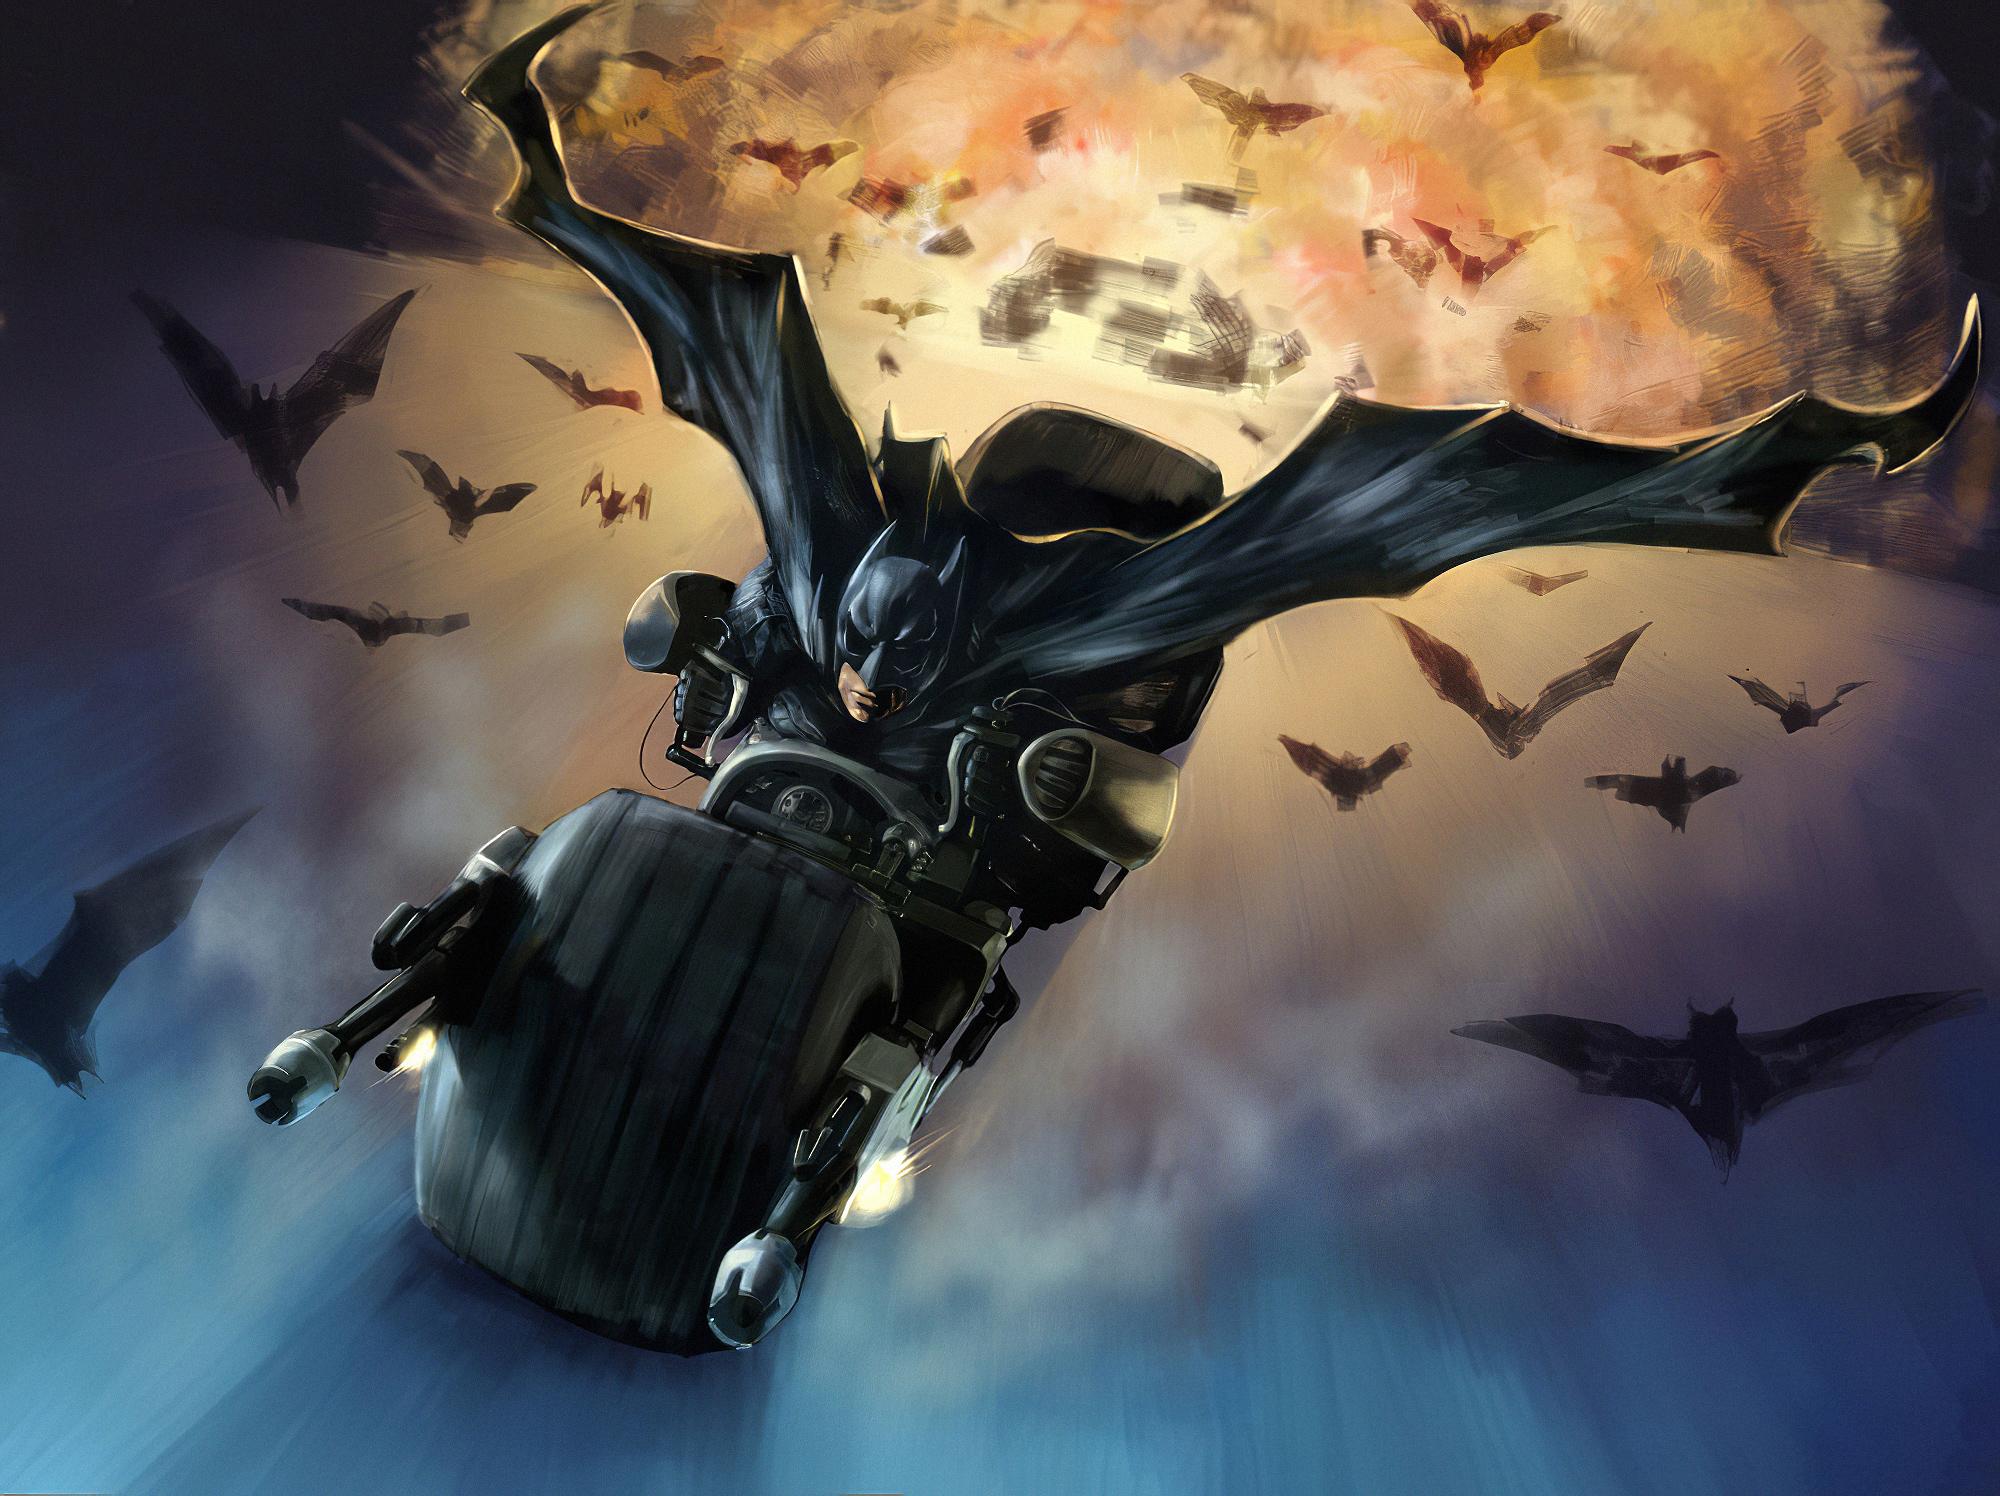 Batman Bat Mobile, HD Superheroes, 4k Wallpapers, Images ...